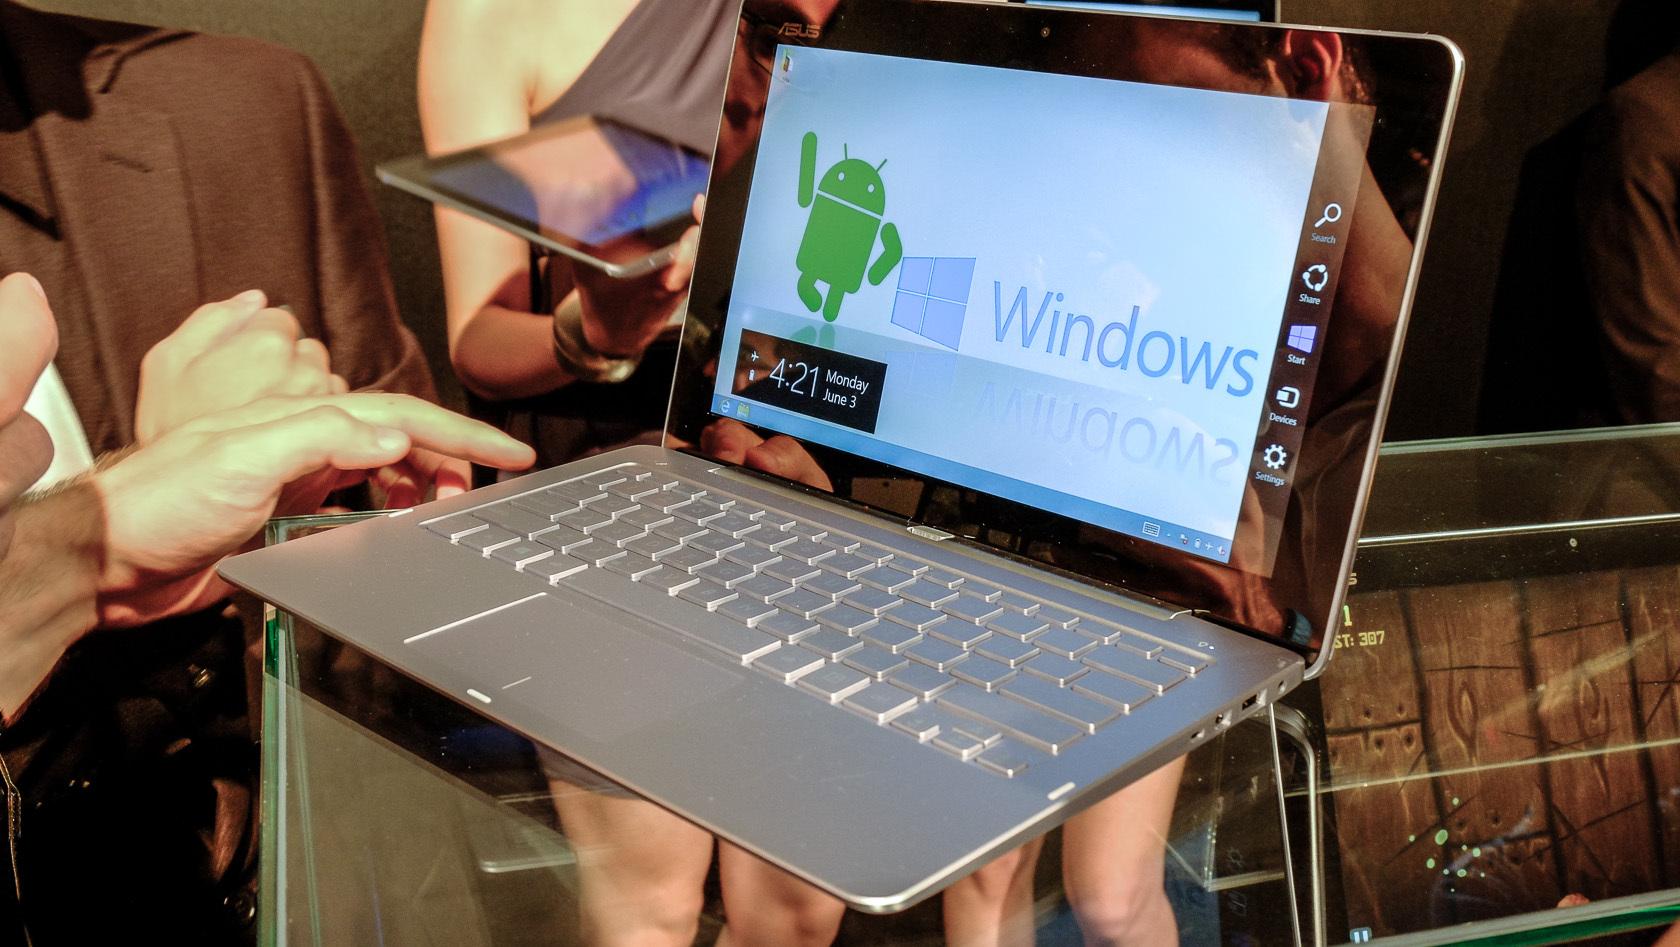 hybride aus notebook tablet und desktop pc mit windows. Black Bedroom Furniture Sets. Home Design Ideas